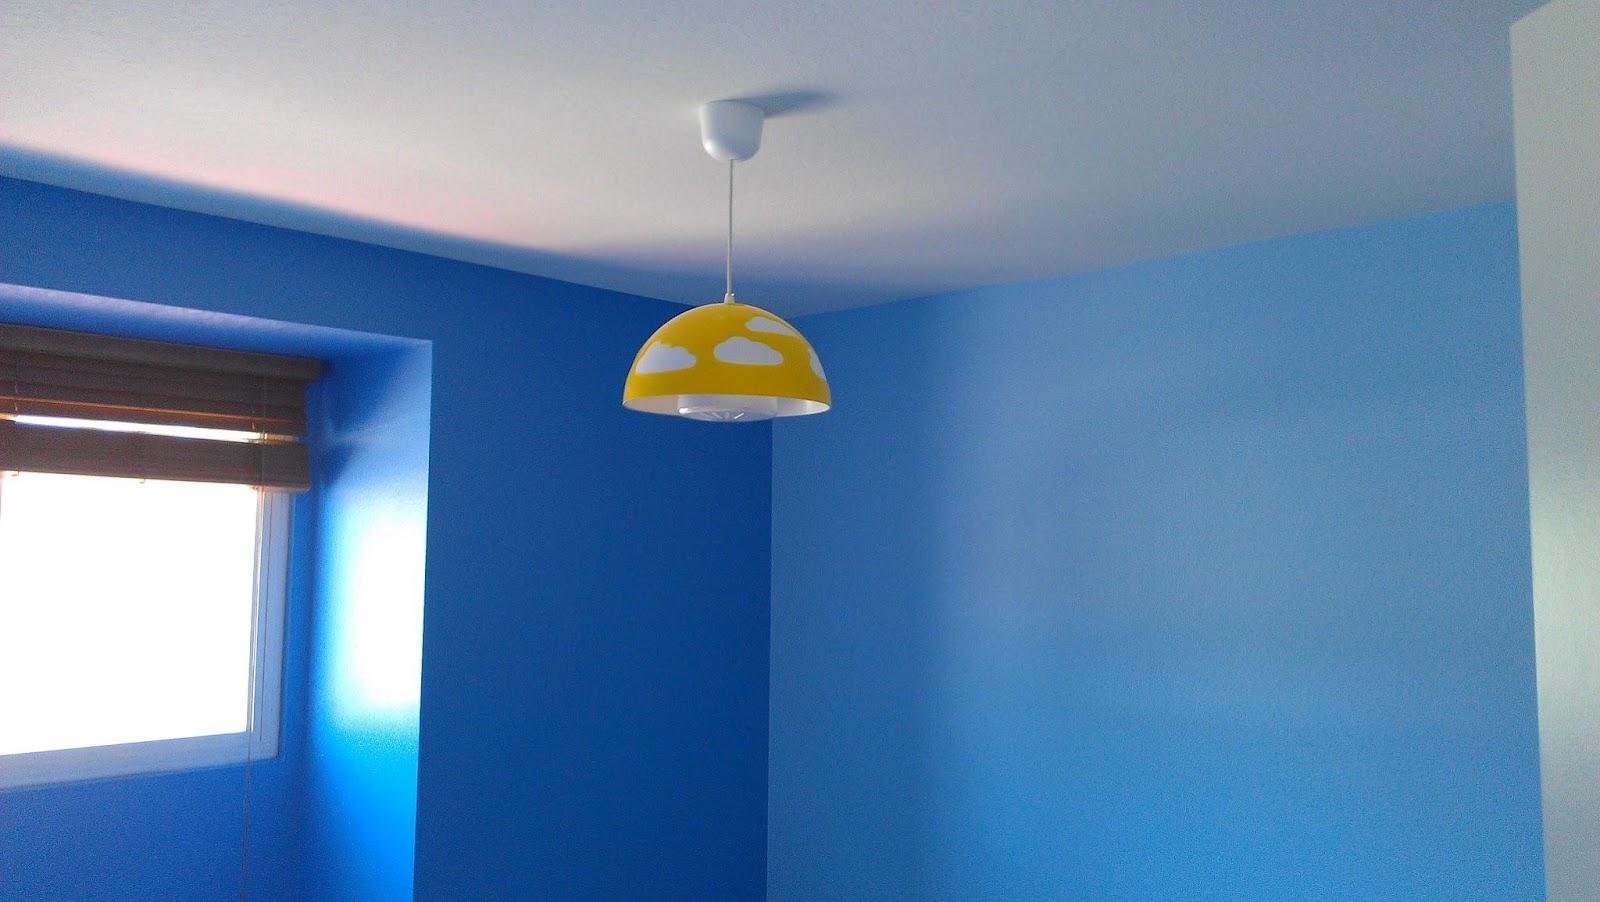 Vita a san diego 1014 renovation giorni 16 17 e 18 - Camera da letto azzurra ...